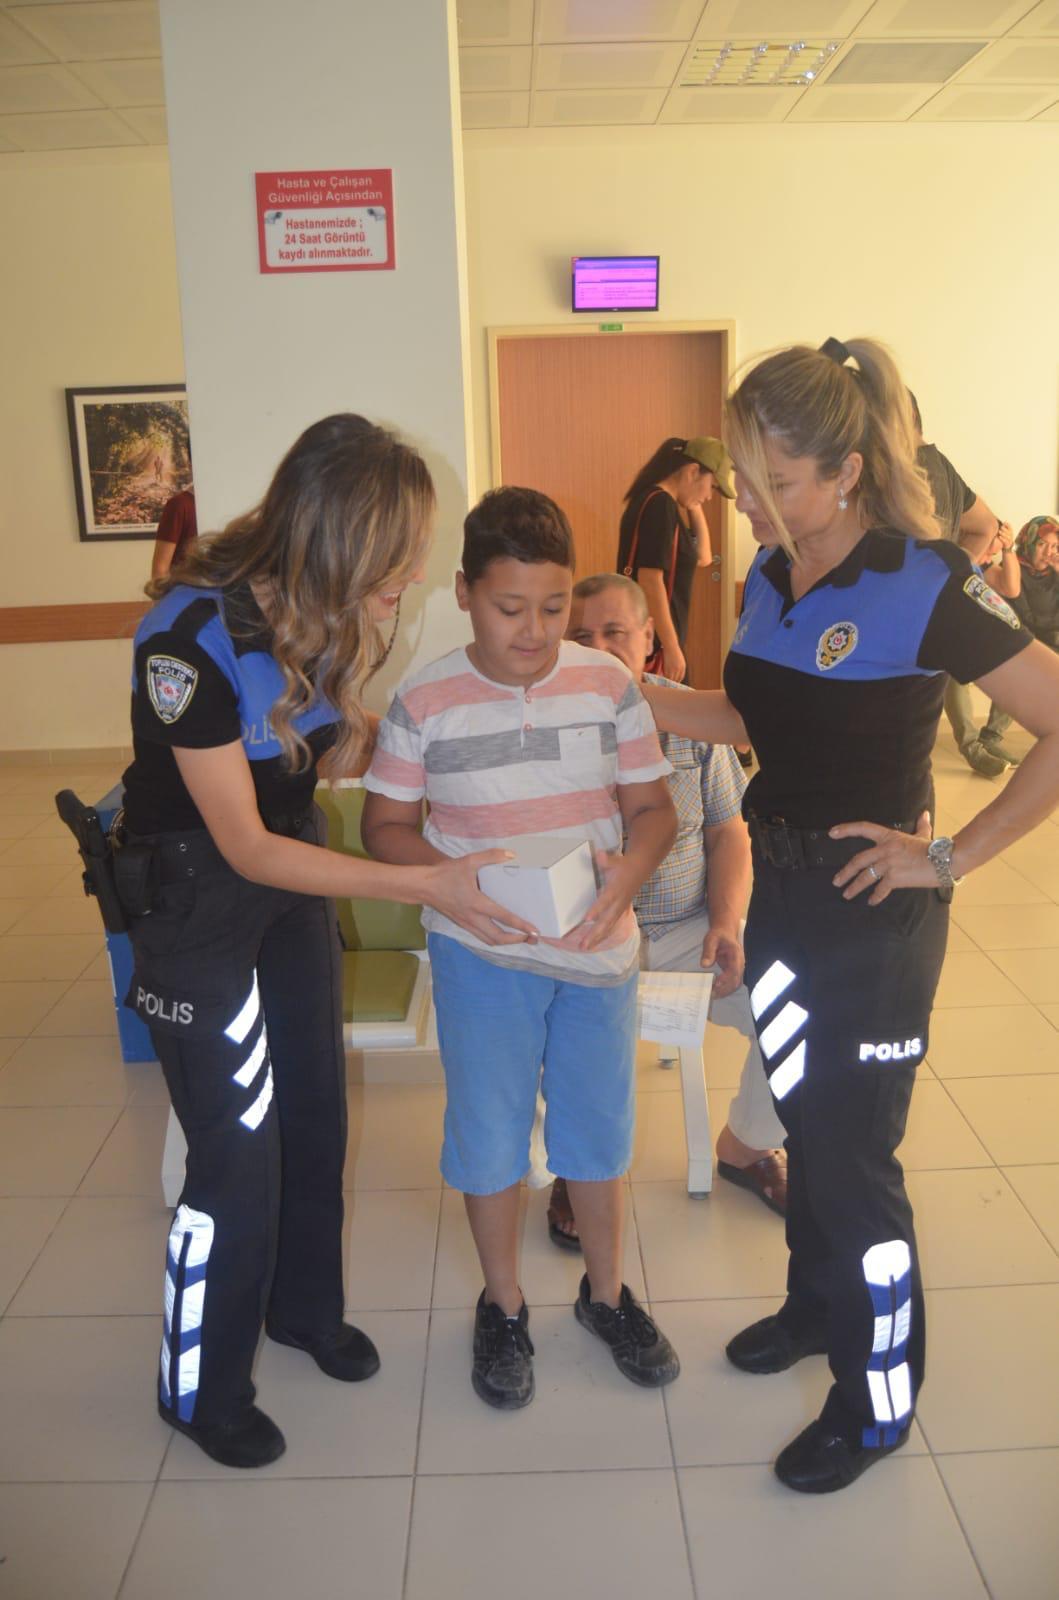 Polisten tedavi gören çocuklara moral ziyareti